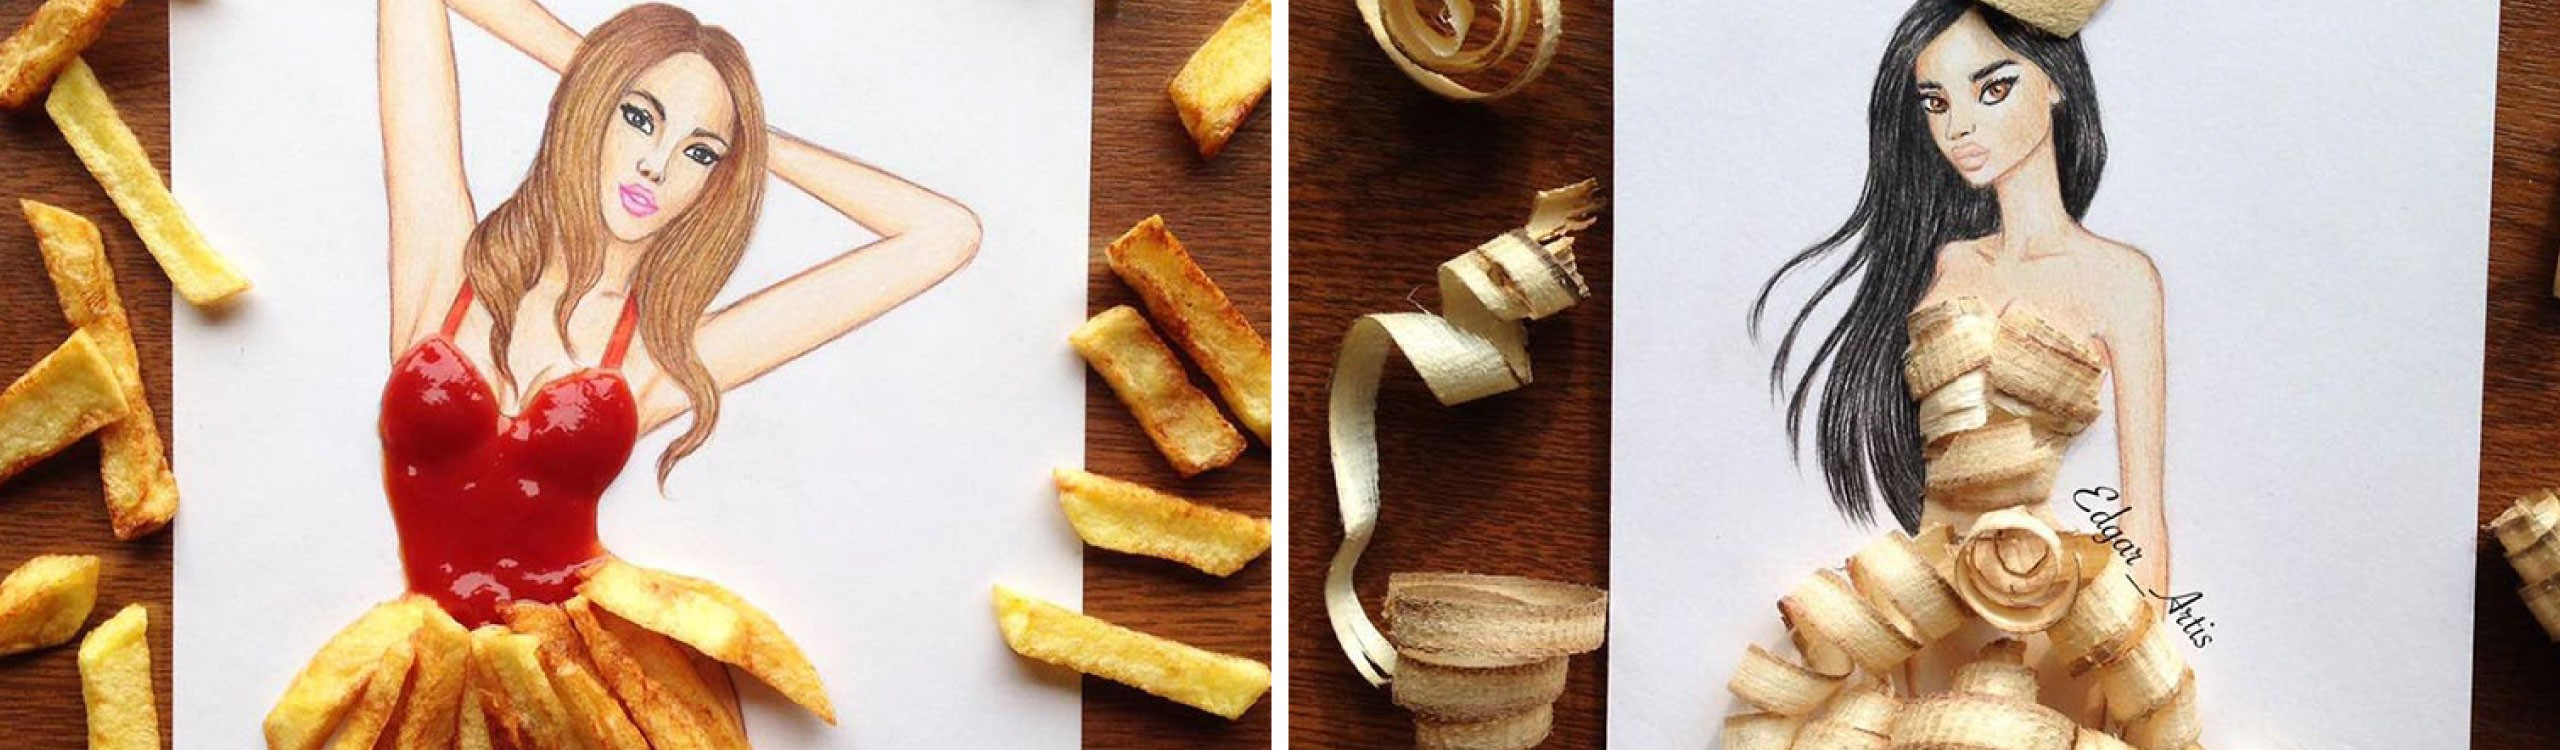 ilustador-moda-comida-mis-gafas-de-pasta-destacado